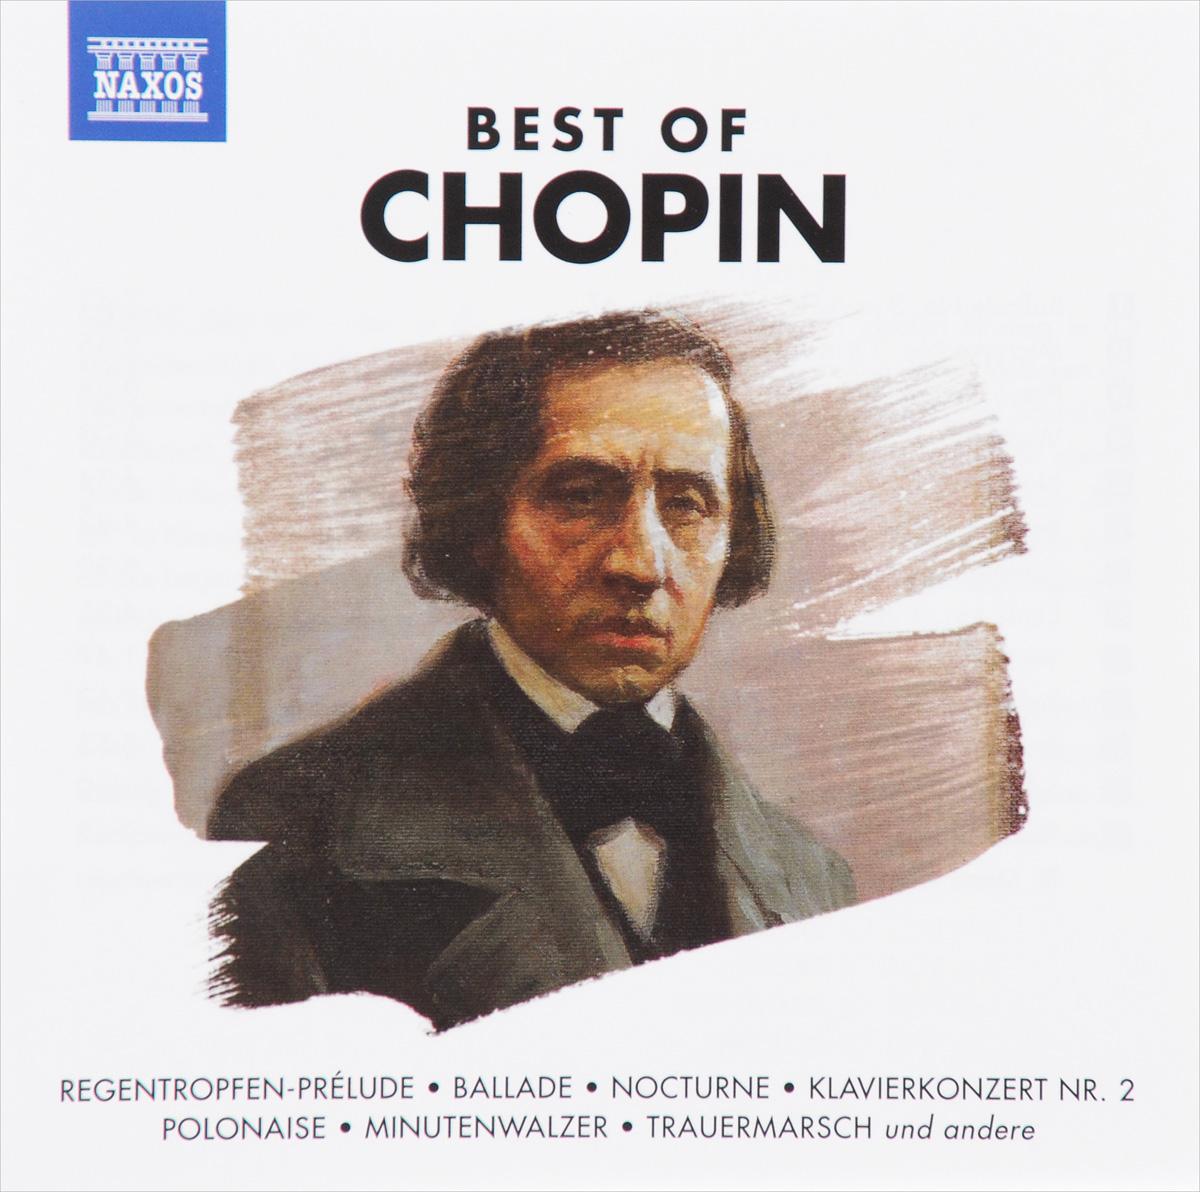 Идиль Бирет Best Of Chopin идиль бирет майкл понти альфред корто berliner philharmoniker my first lullaby album